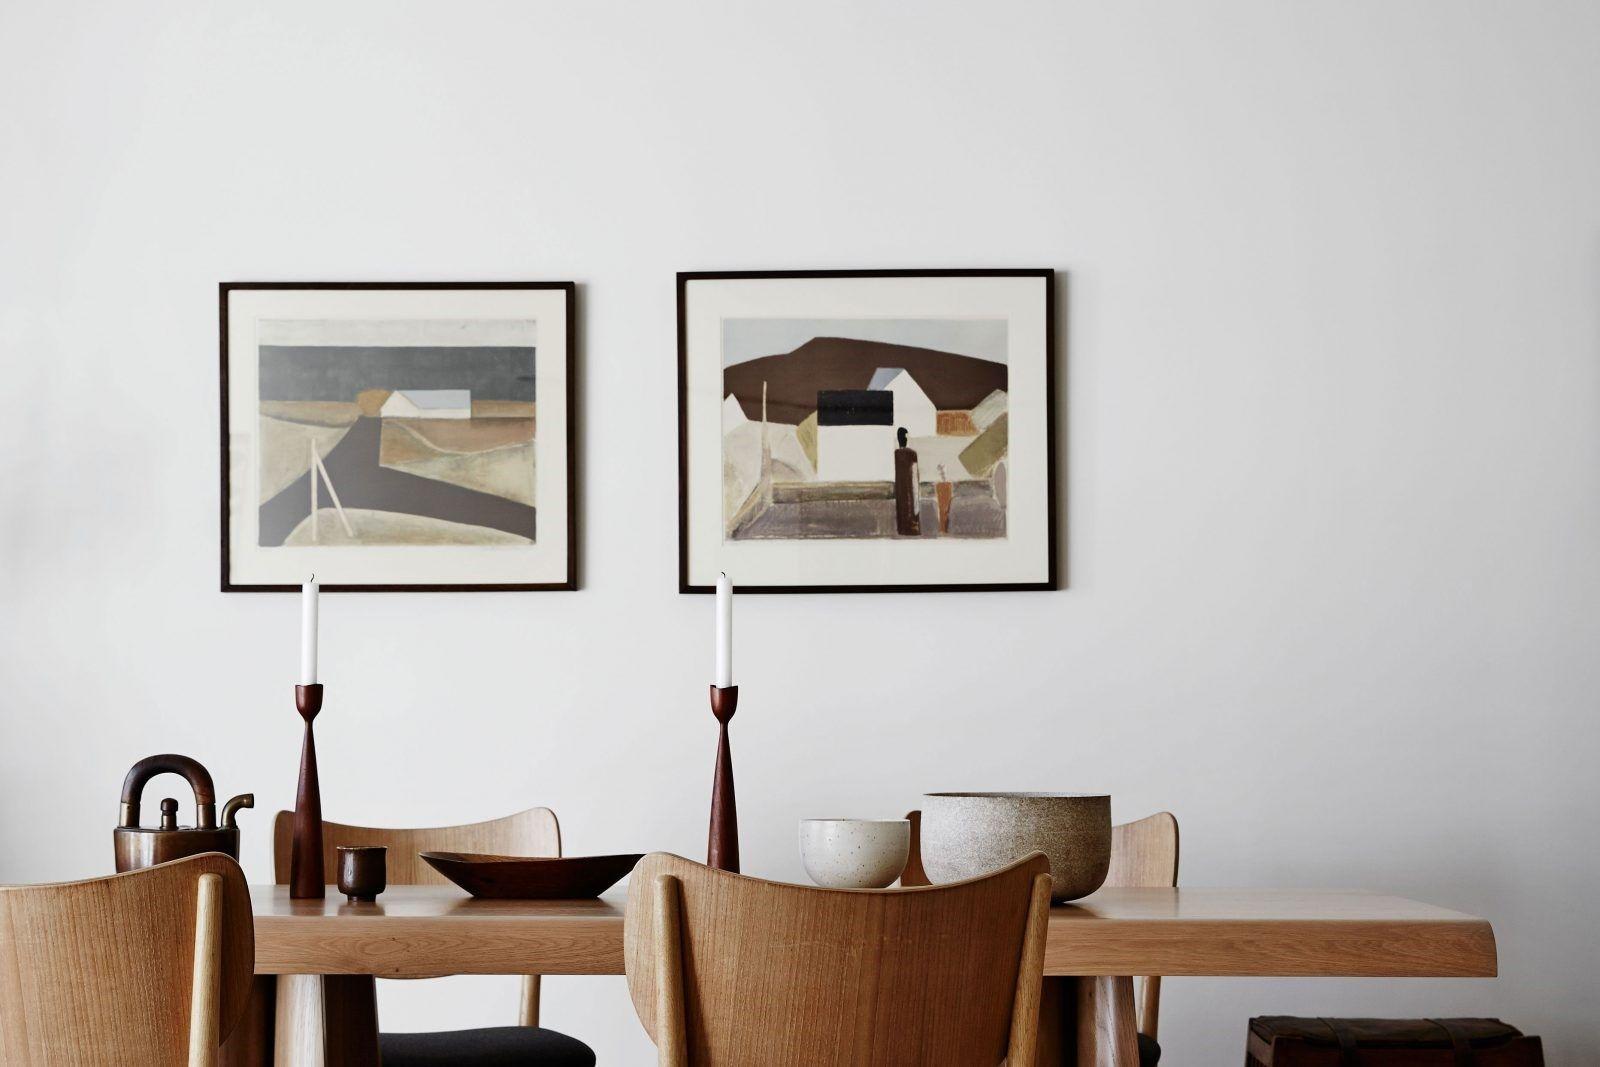 Tendencia de estilo de decoración de interiores Kinfolk, para estancia en la que predominan los tonos neutros relajados, muebles vintage en madera natural y accesorios artesanales @Utrillanais